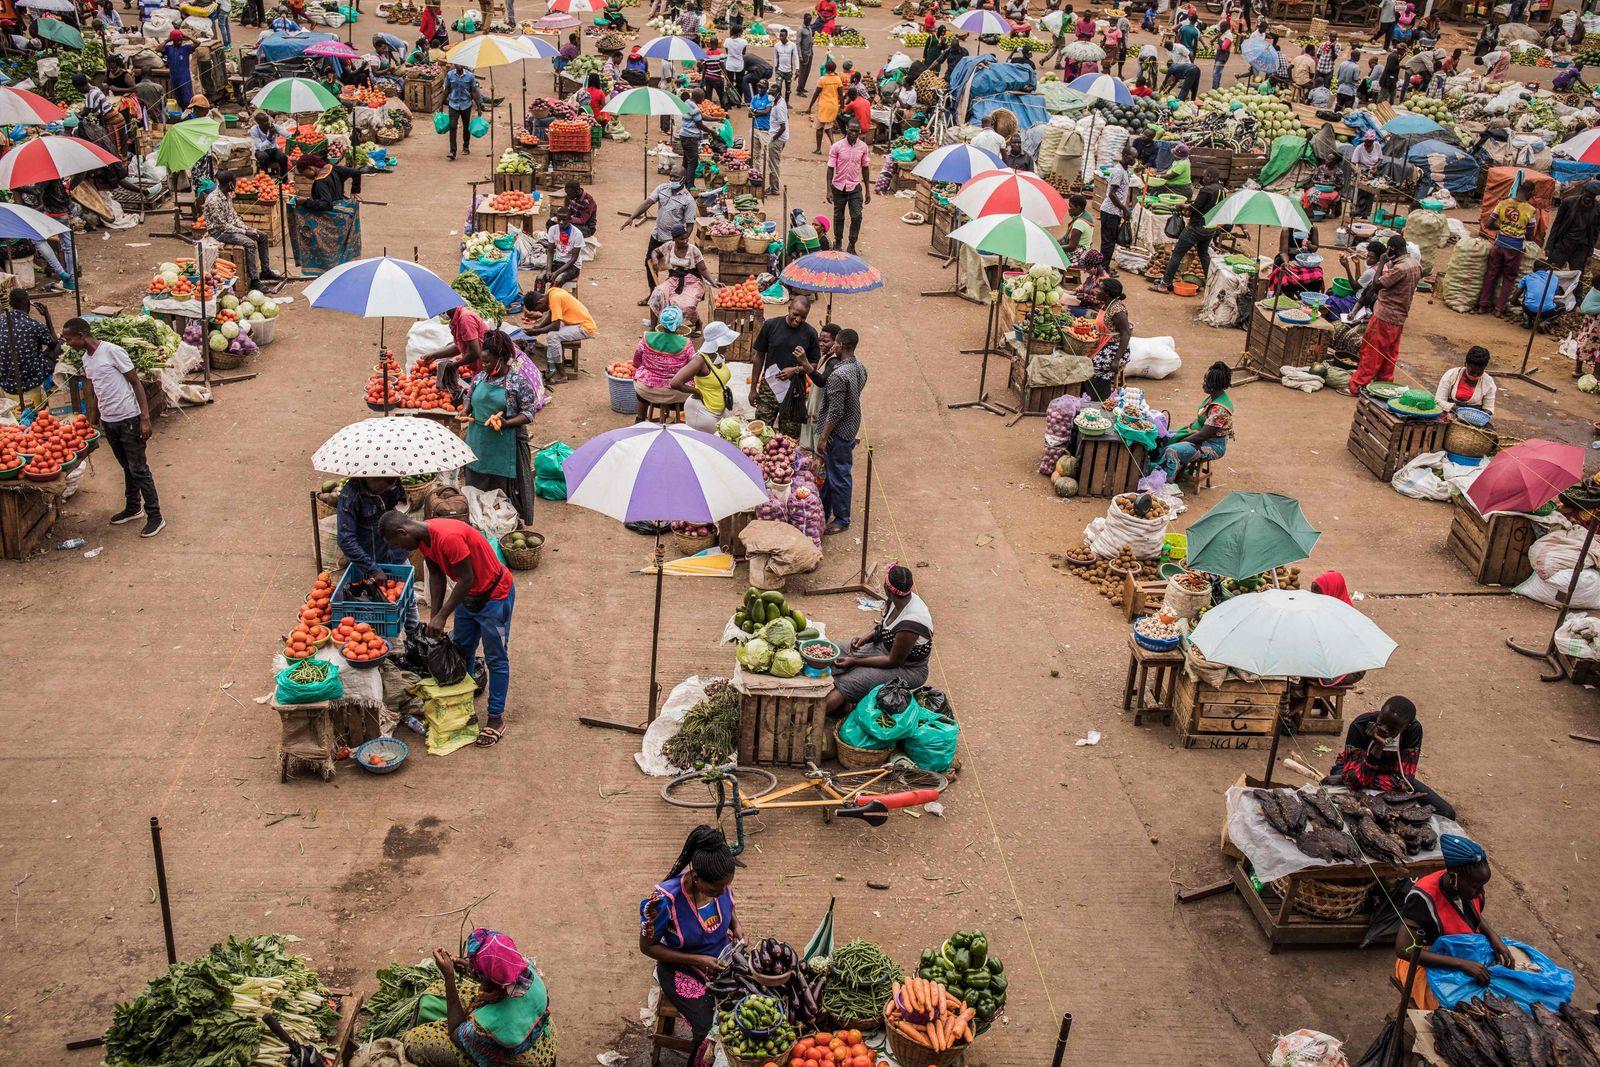 TOPSHOT-UGANDA-HEALTH-VIRUS-ECONOMY